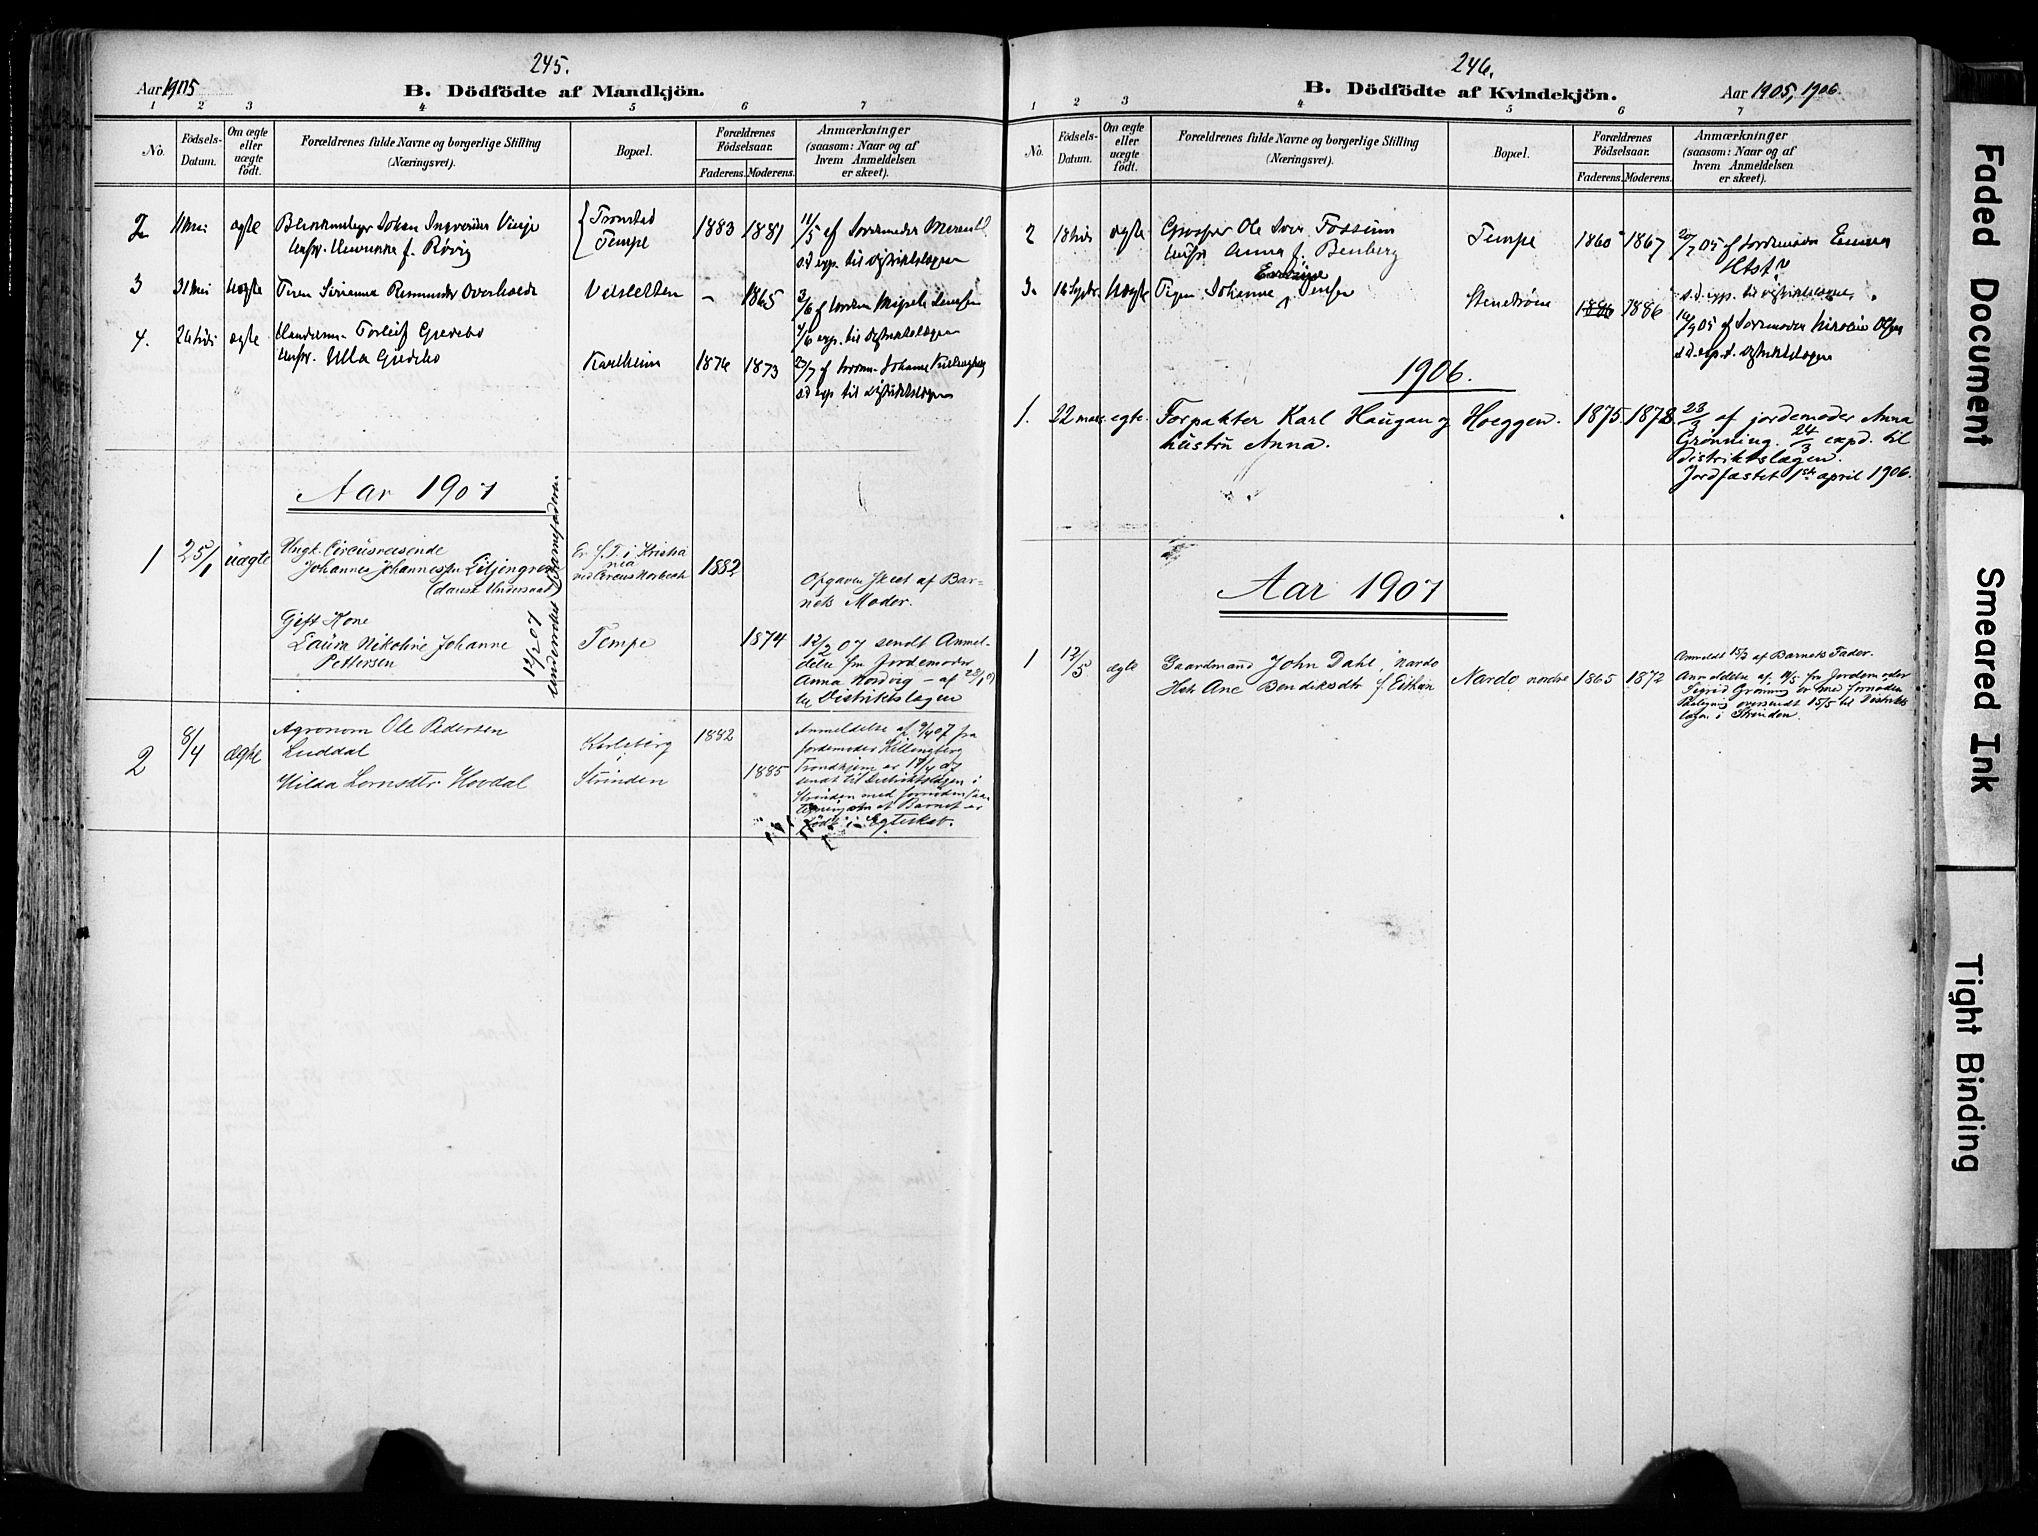 SAT, Ministerialprotokoller, klokkerbøker og fødselsregistre - Sør-Trøndelag, 606/L0301: Ministerialbok nr. 606A16, 1894-1907, s. 245-246